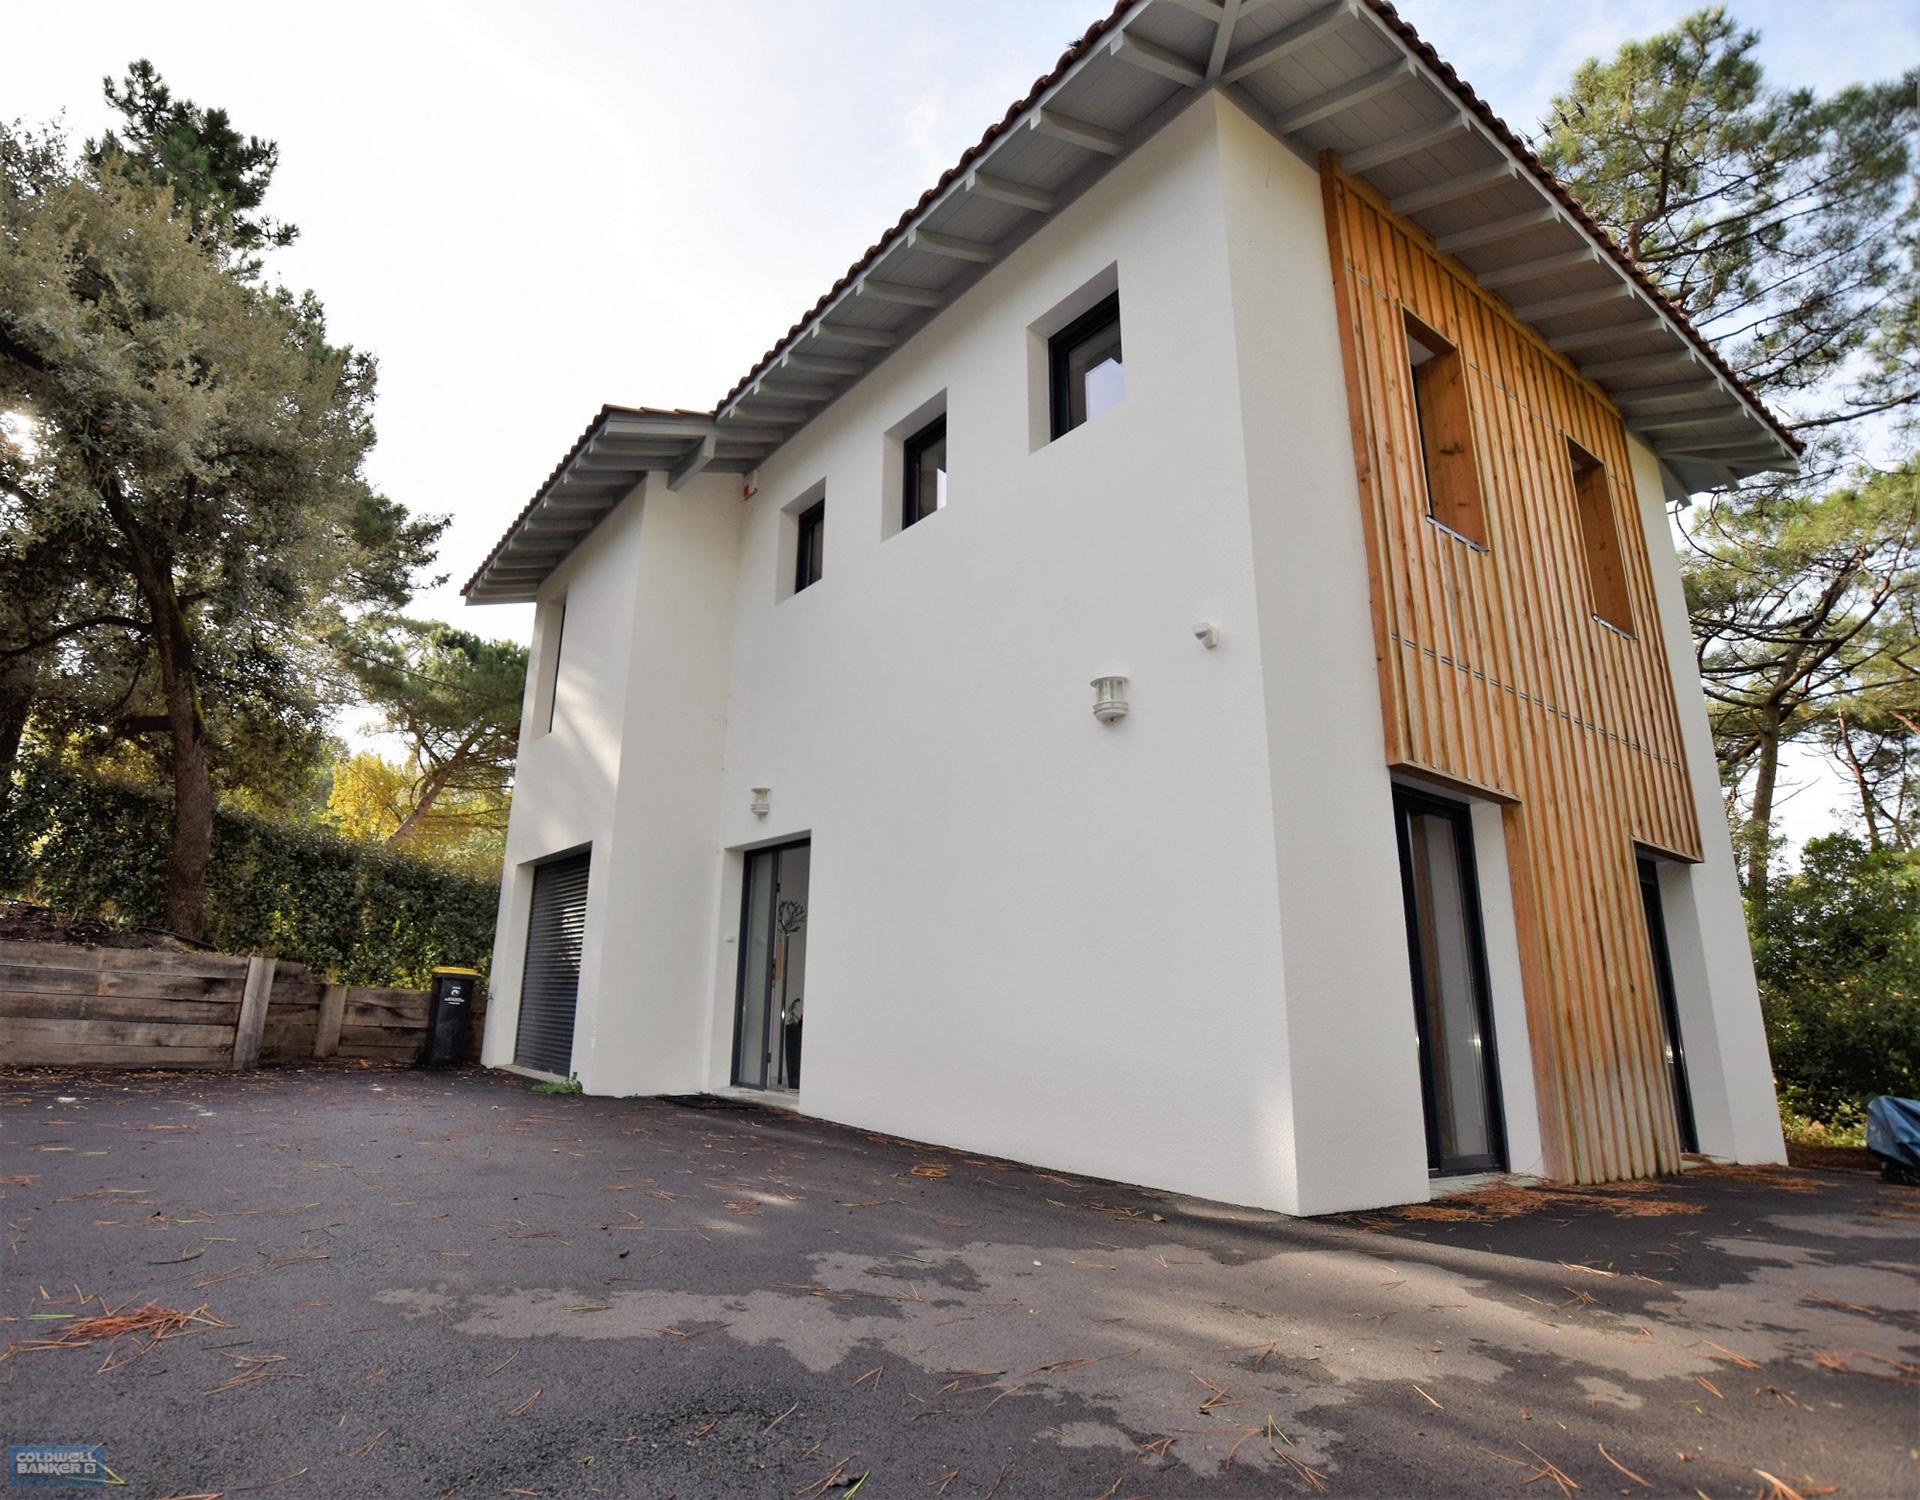 location villa familiale 5 chambres 10 couchages vue bassin piscine plage proche